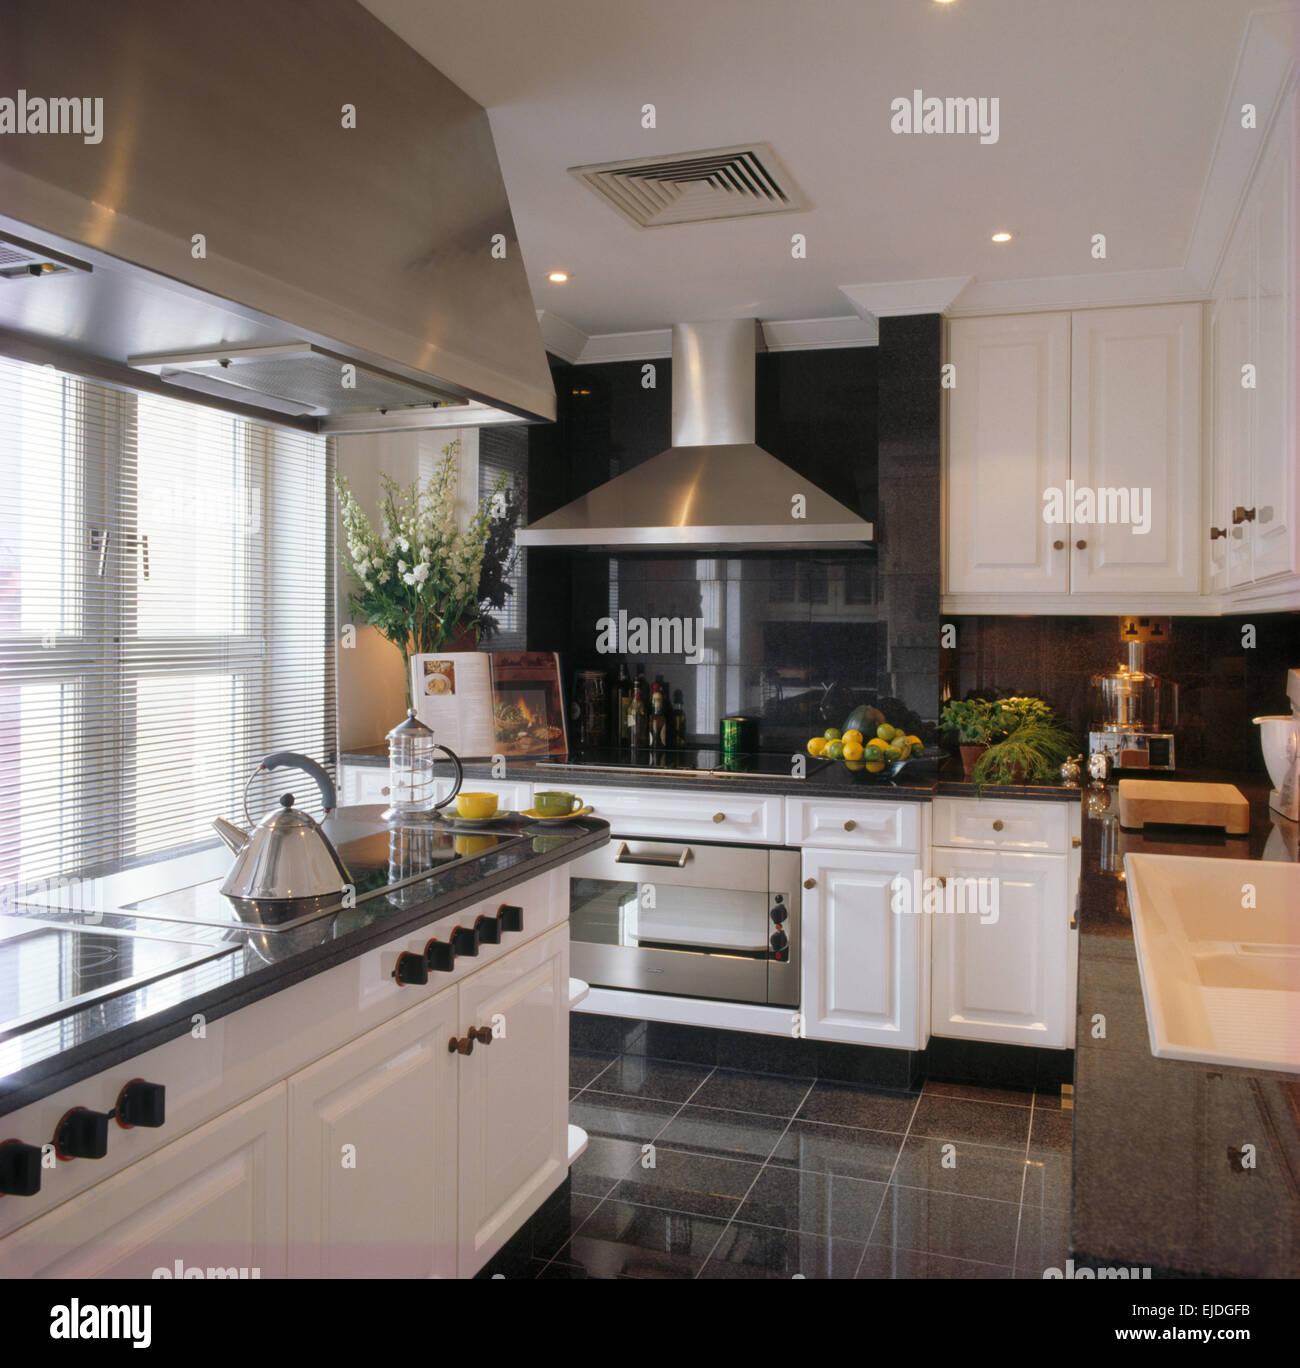 edelstahl dunstabzugshaube ber granit gekr nt insel einheit im stadthaus k che mit schiefer. Black Bedroom Furniture Sets. Home Design Ideas